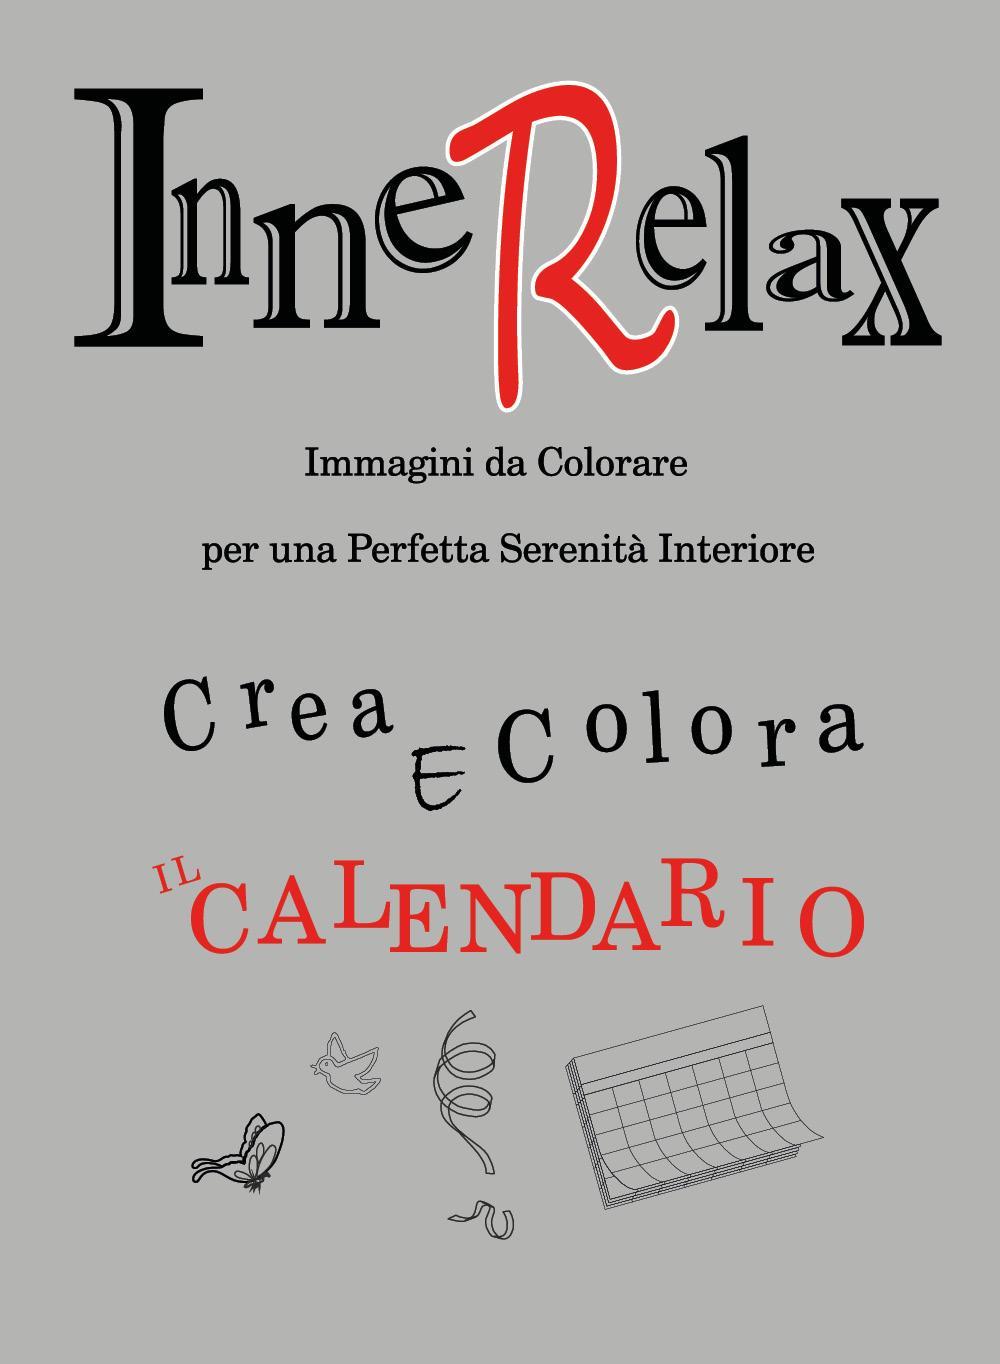 Innerelax - Crea e Colora il Calendario